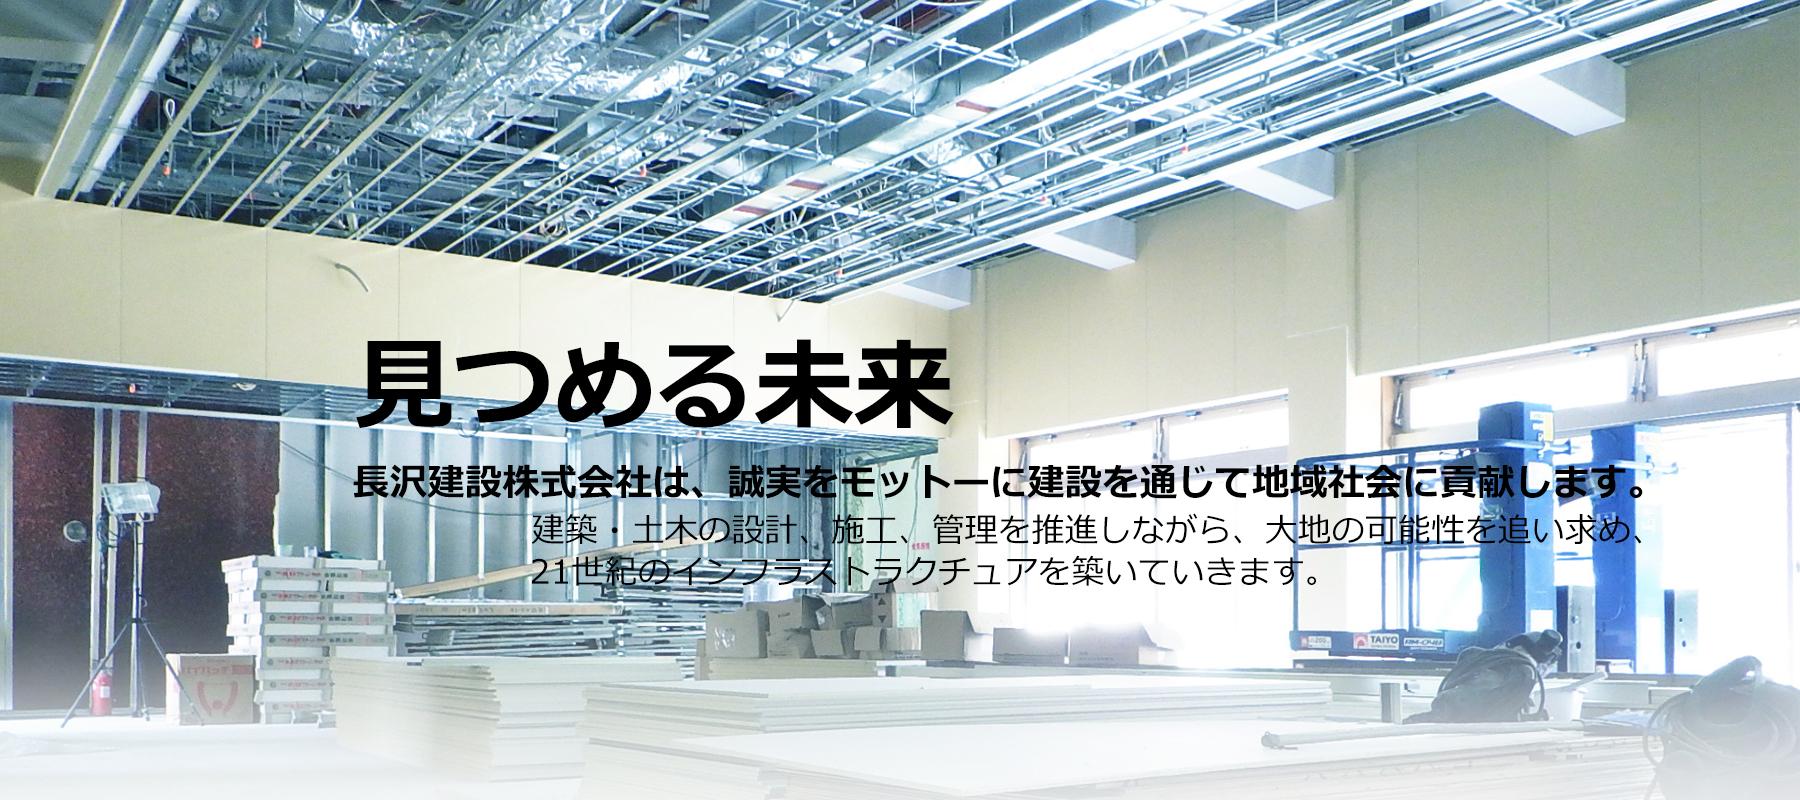 みつめる未来ー山口県の建設会社 長沢建設株式会社です。